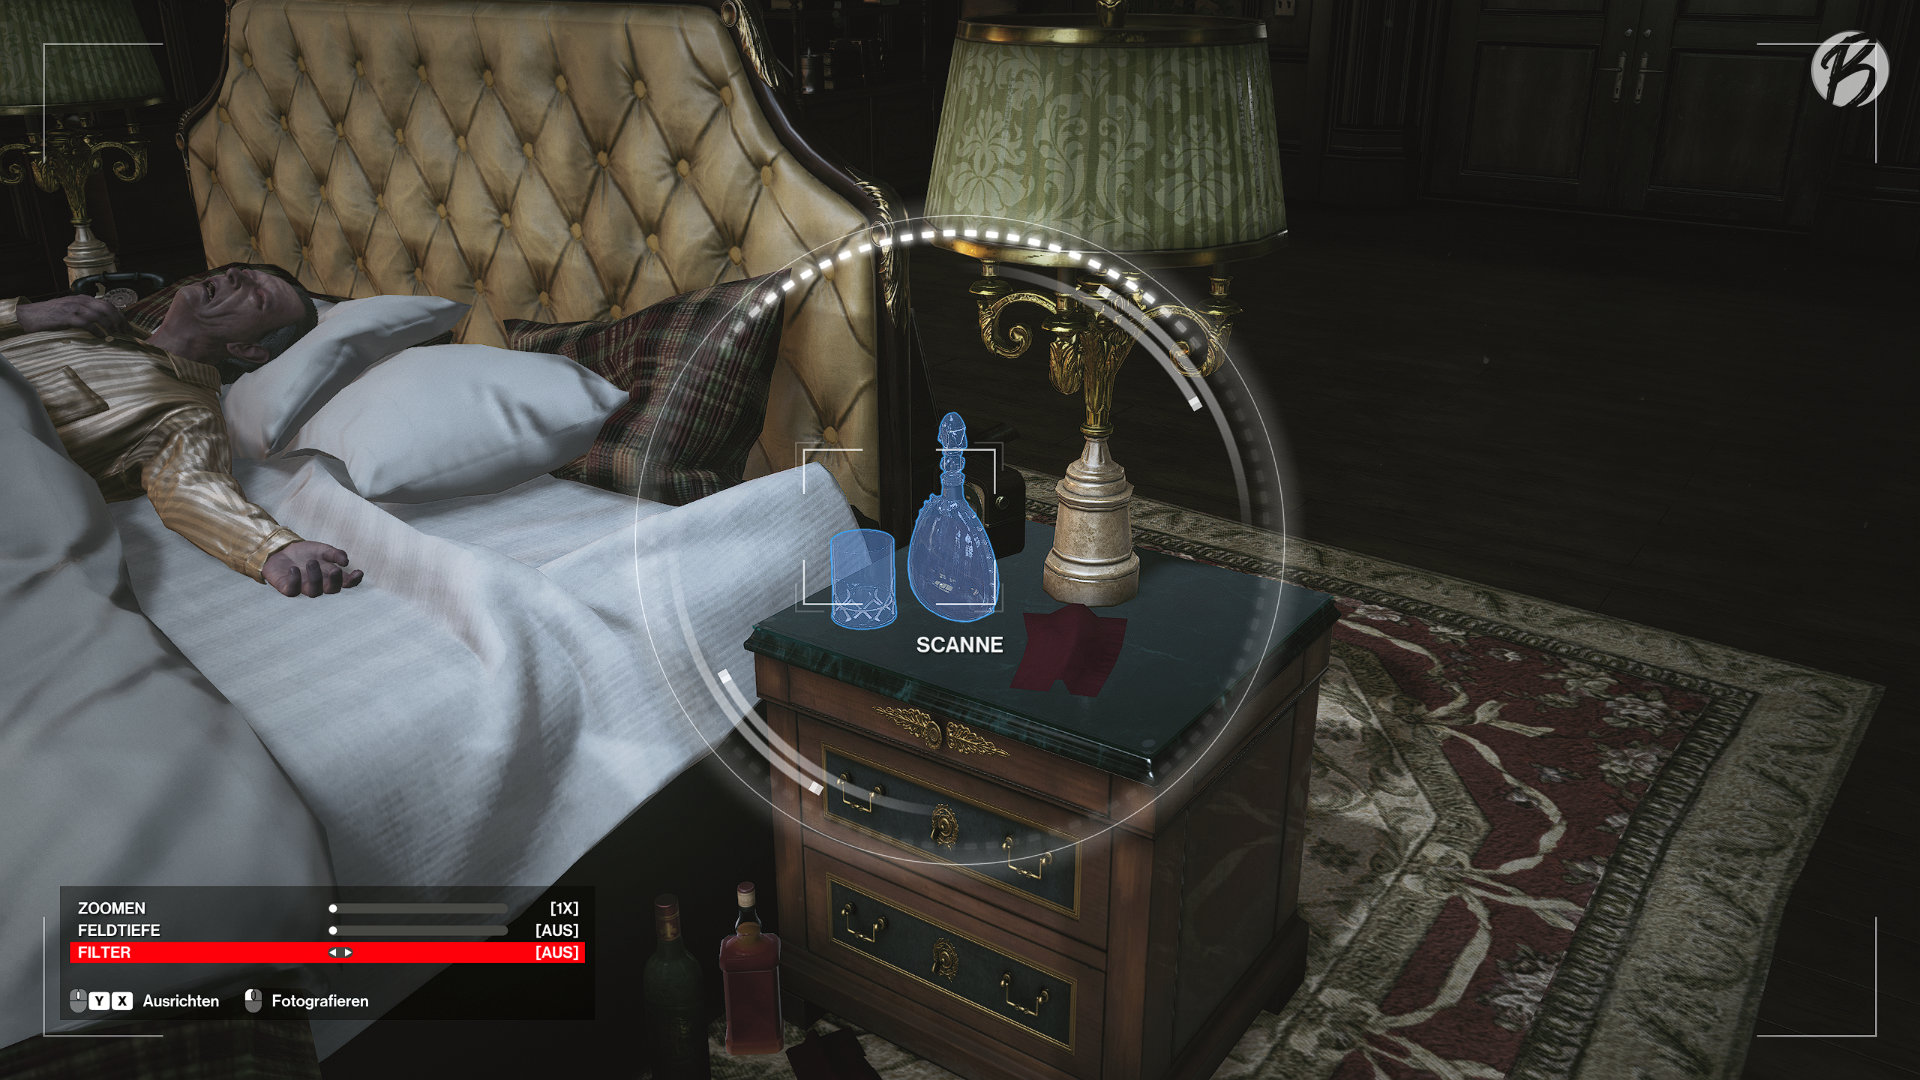 Hitman 3 - Mit dem neuen Fotohandy von Agent 47 lassen sich nicht nur einfache Screenshot erstellen, sondern auch wichtige Spuren sichern und Türen via Fernzugriff hacken.